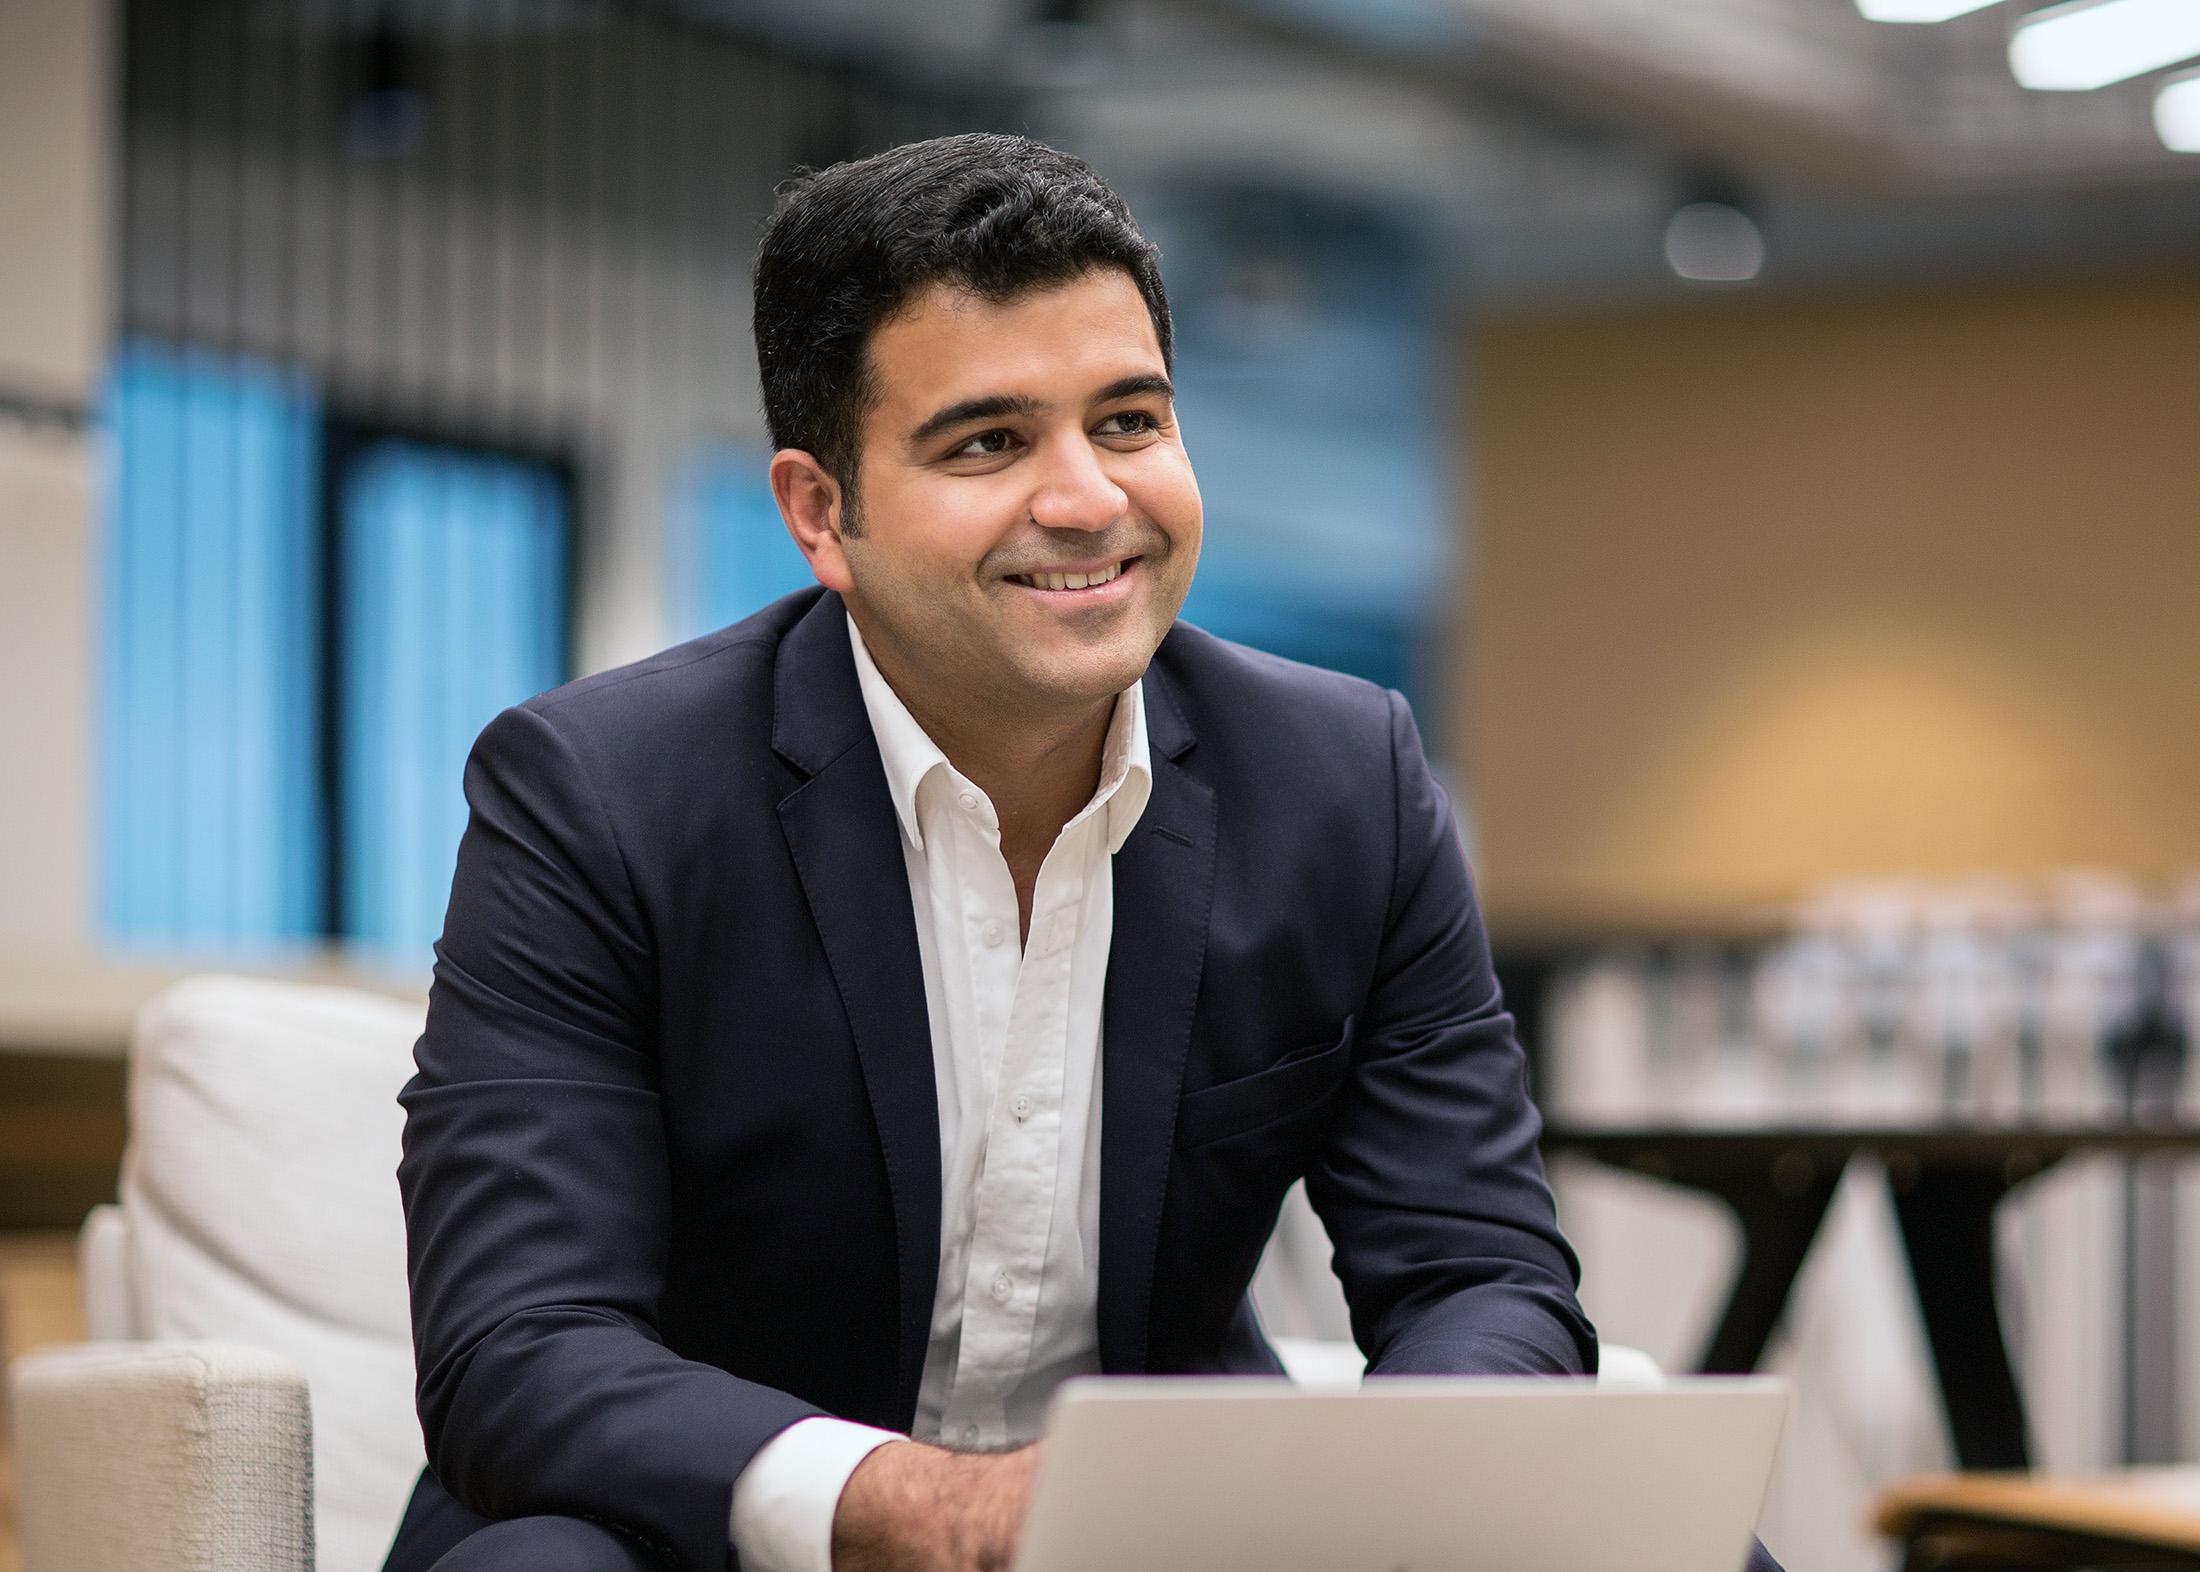 Công ty của tỷ phú Peter Thiel vừa rót 29,5 triệu USD cho startup quản lý tài sản Singapore